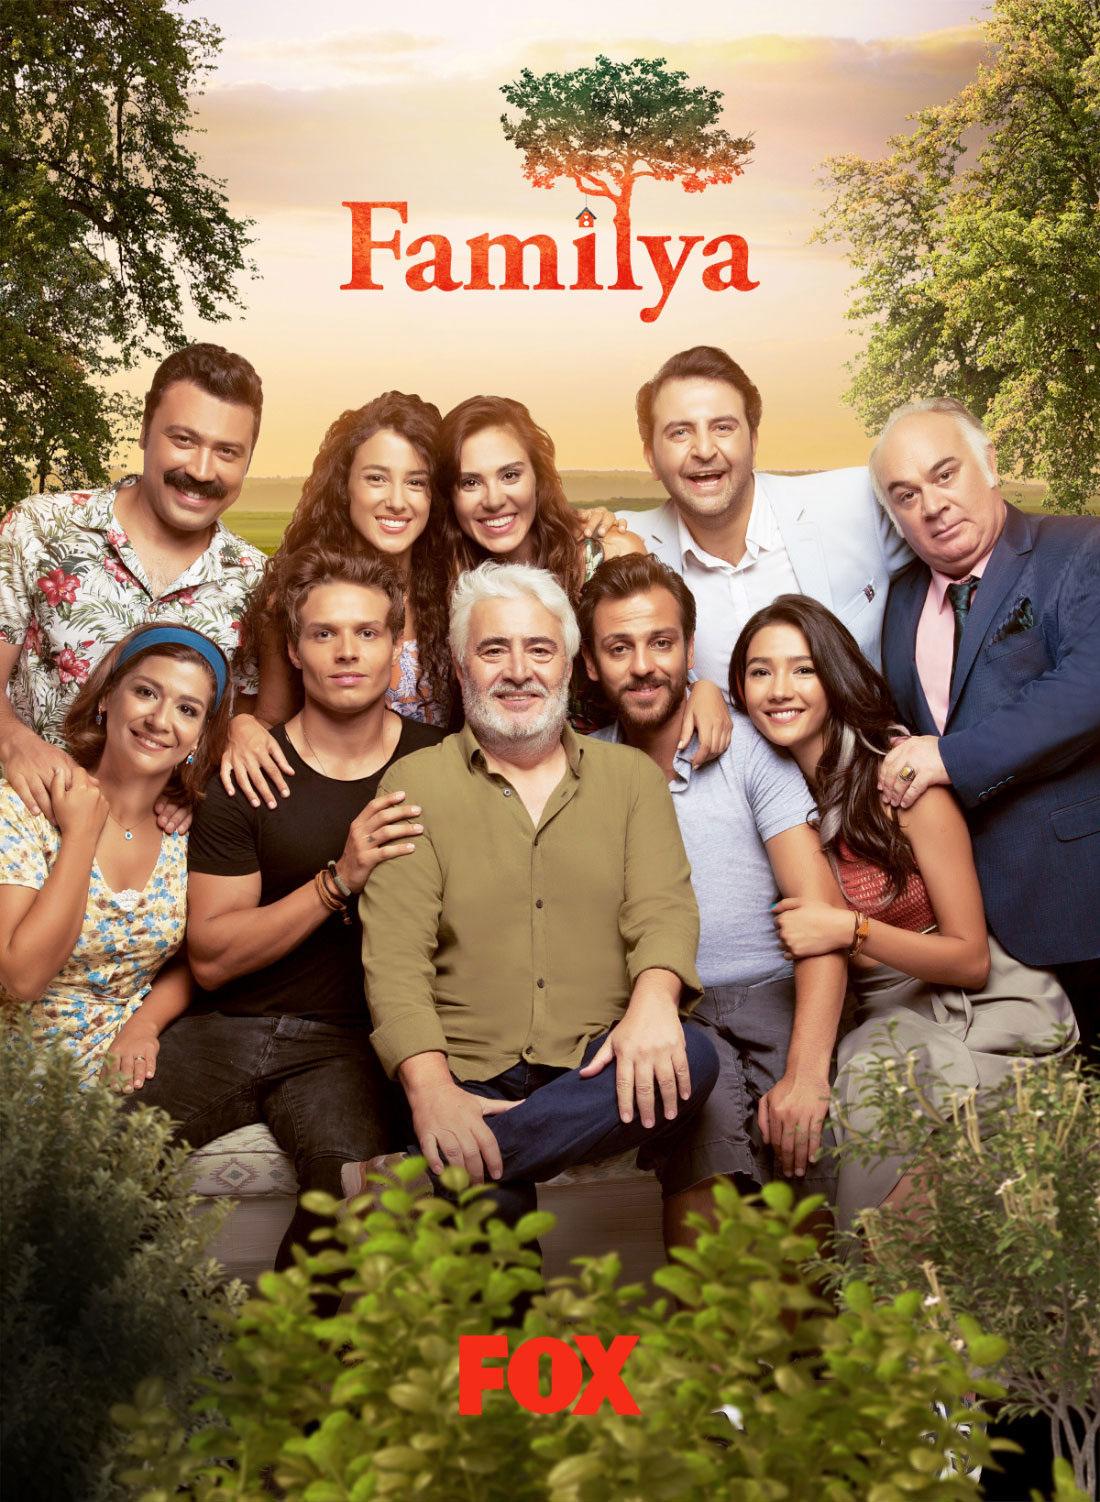 familya-01